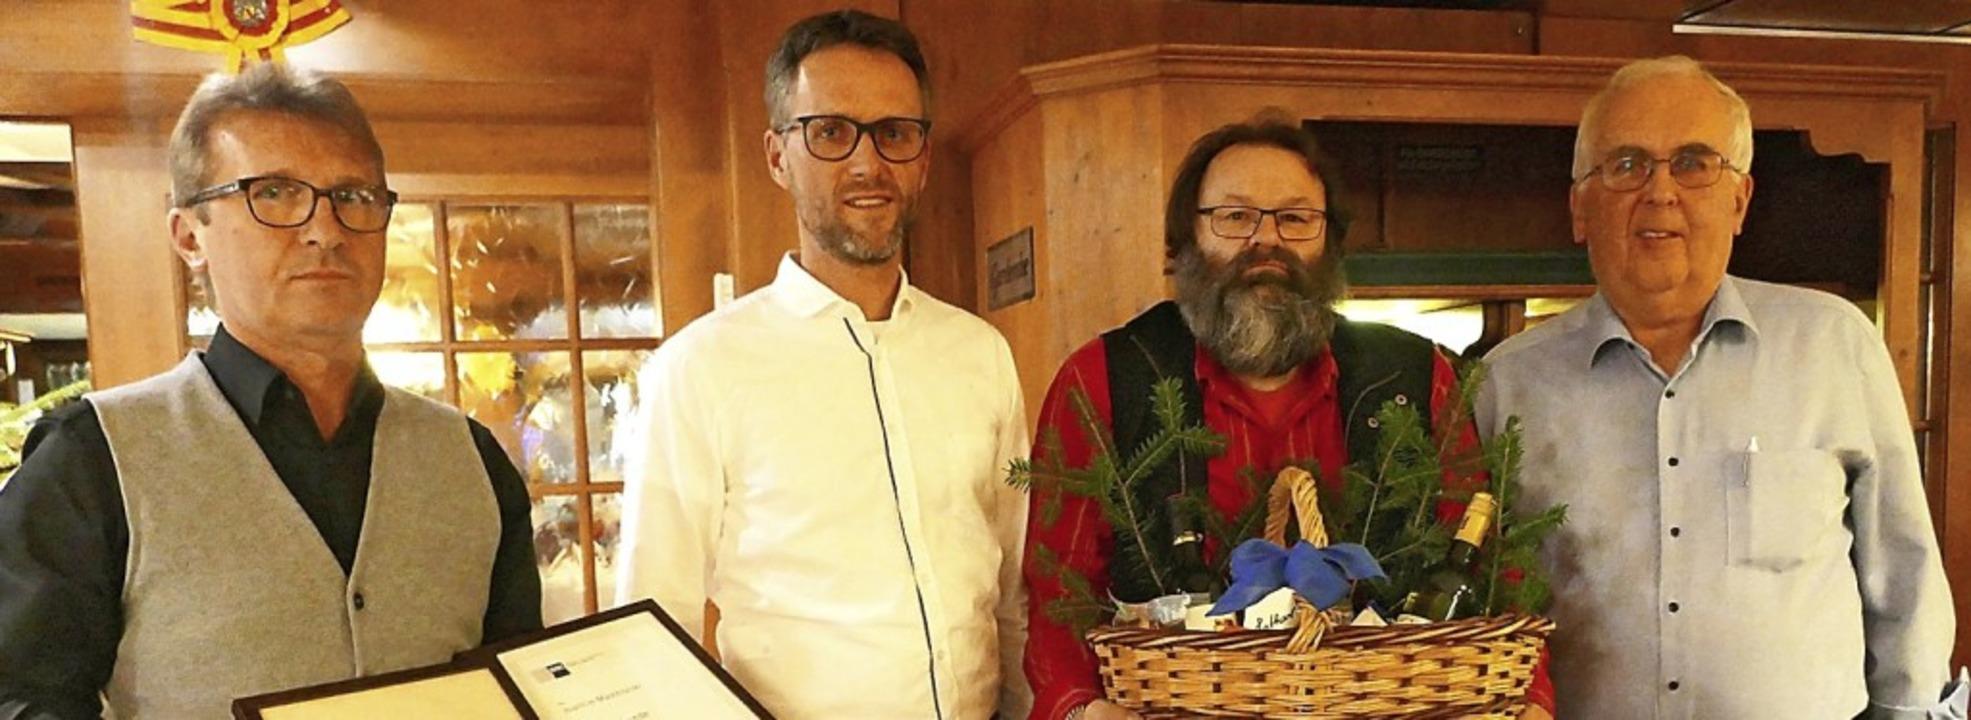 Bei der Ehrung (von links):  Joachim M... Rente verabschiedet) und Fritz Baur.   | Foto: Privat